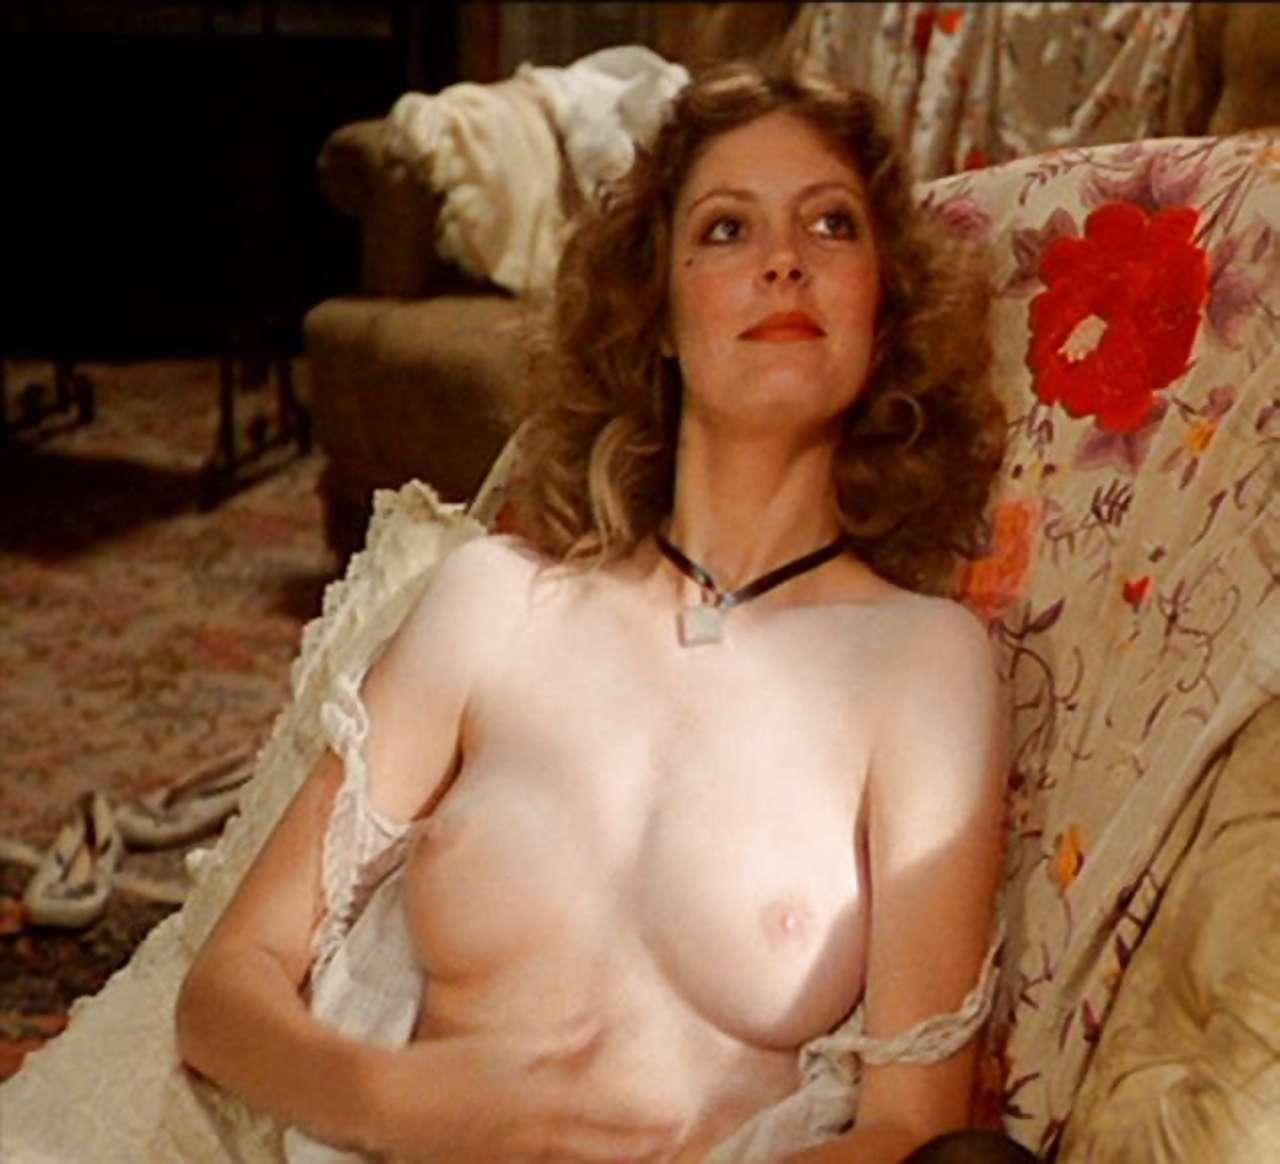 Susan sarandon nude photo